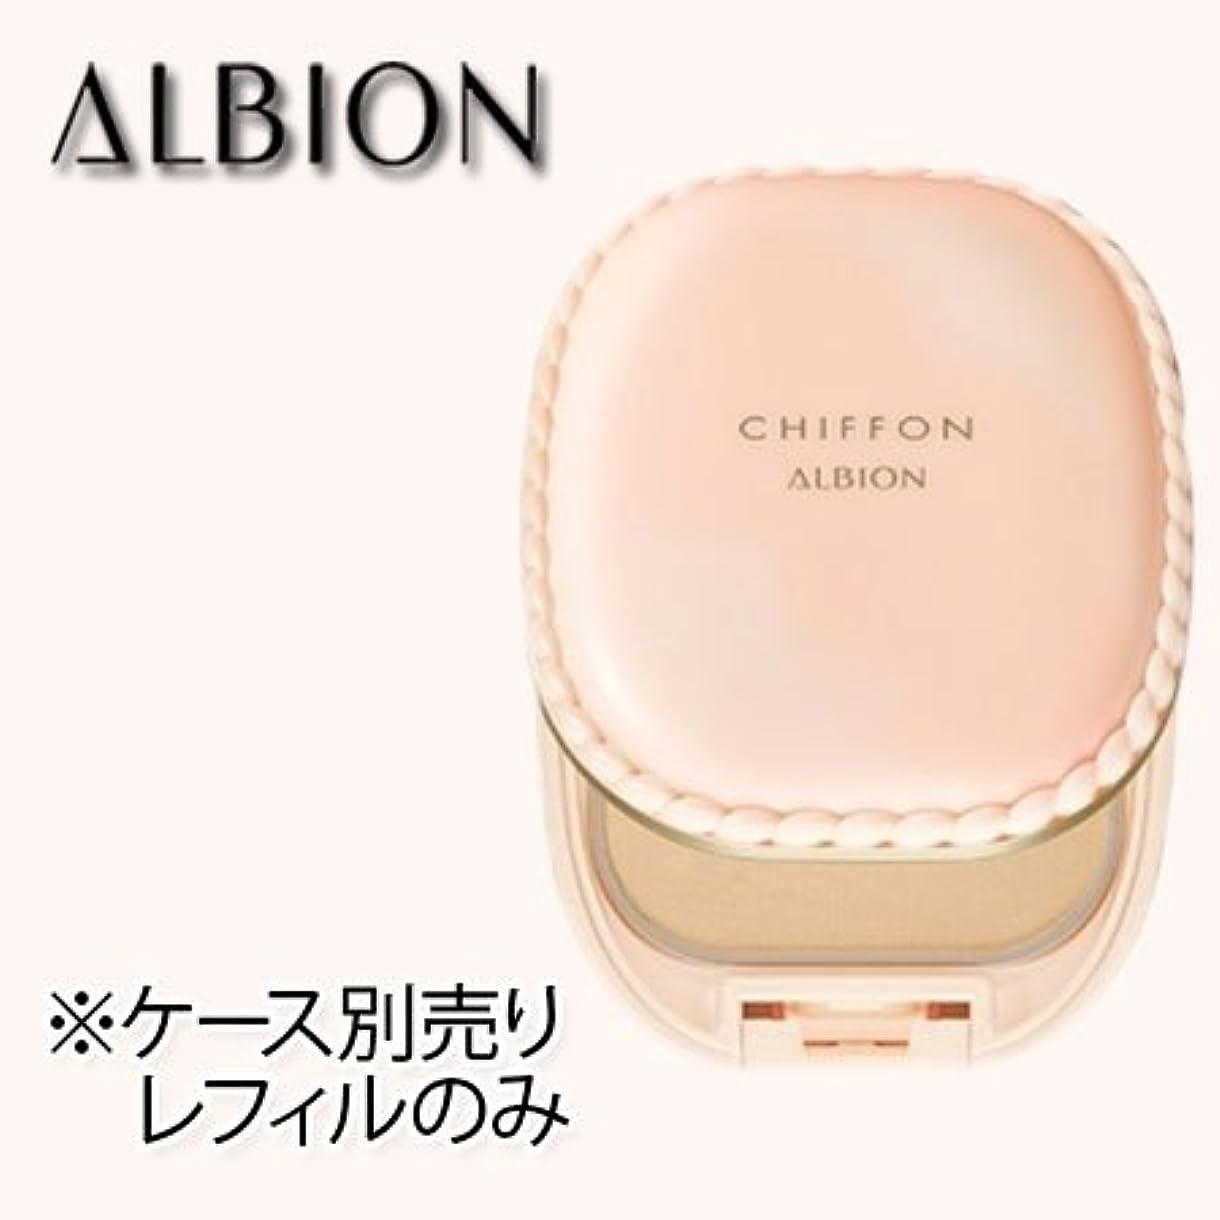 明らかに税金摂動アルビオン スウィート モイスチュア シフォン (レフィル) 10g 6色 SPF22 PA++-ALBION- 050